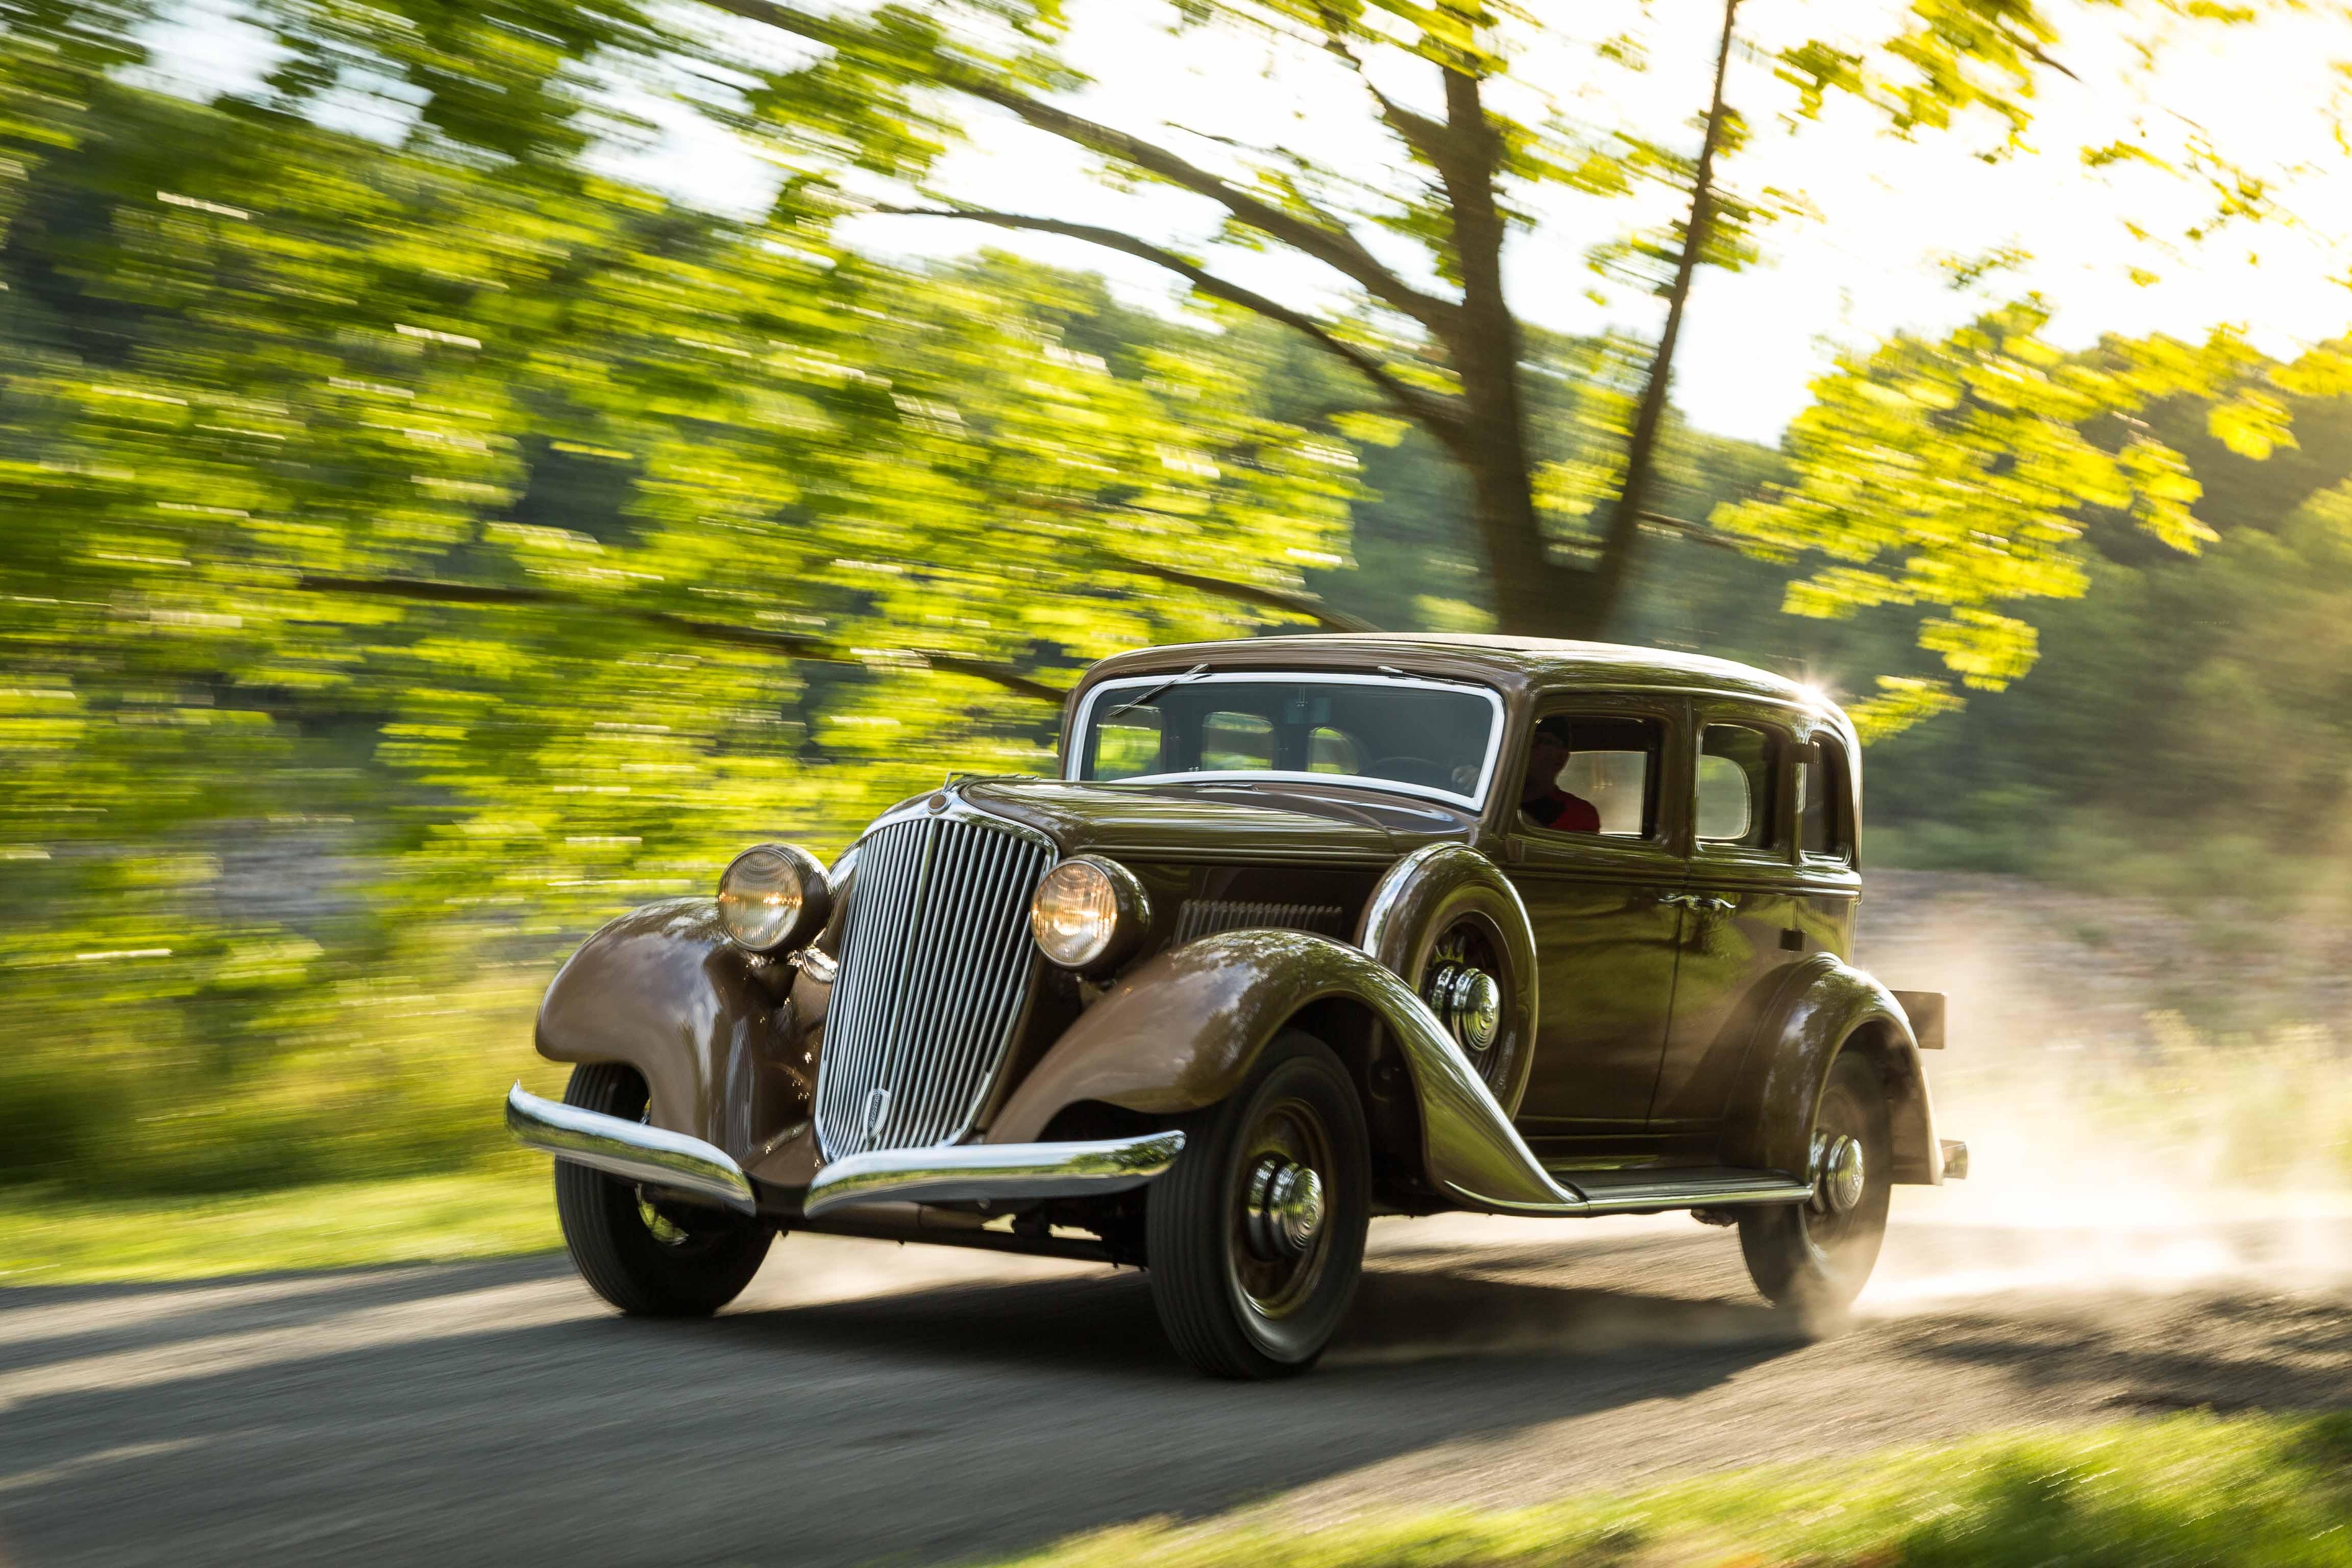 1932 Graham Blue Streak on the road